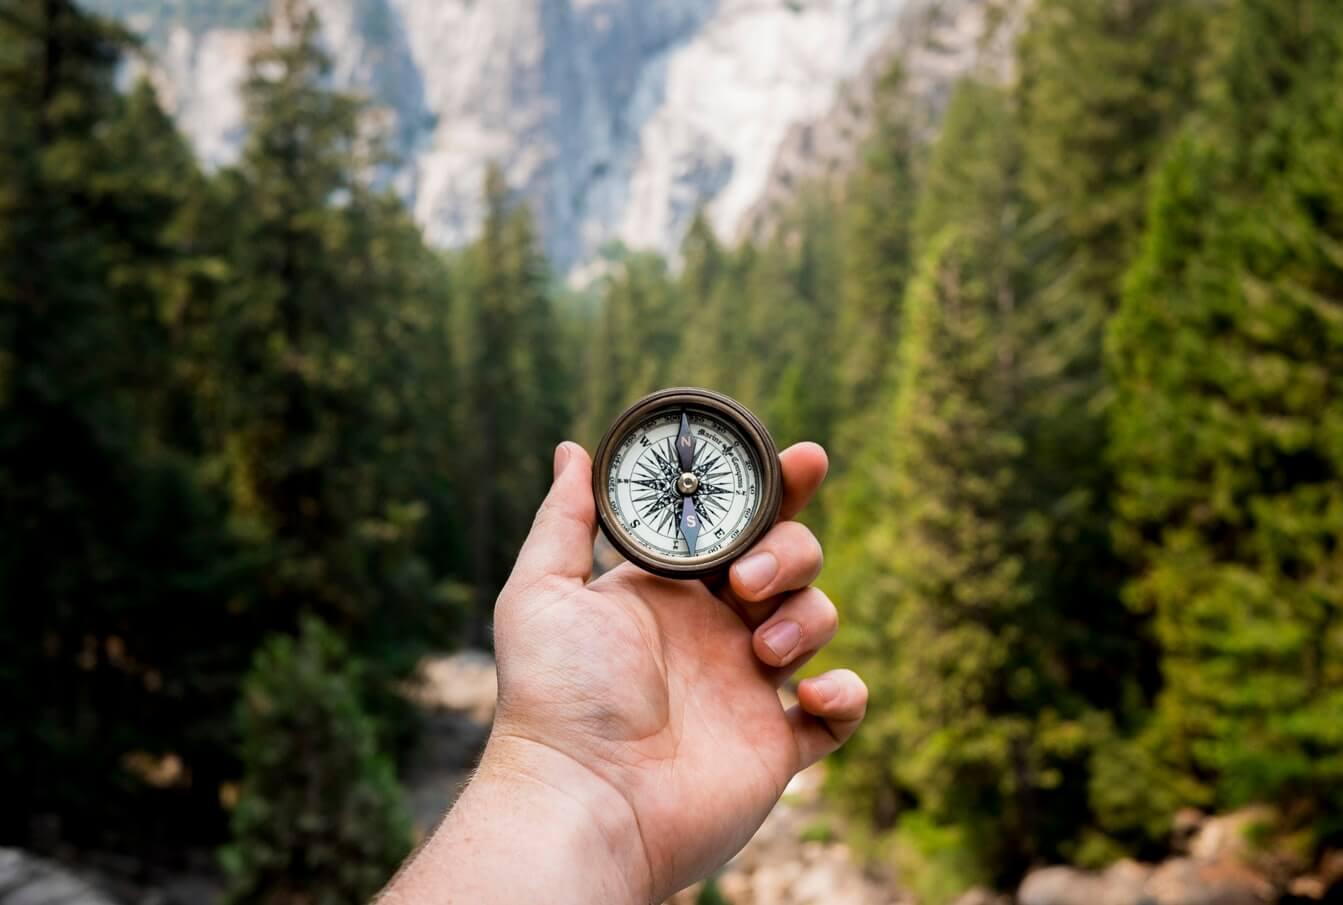 Un'immagine ravvicinata di una mano che tiene un compasso di fronte ad un campo di alberi